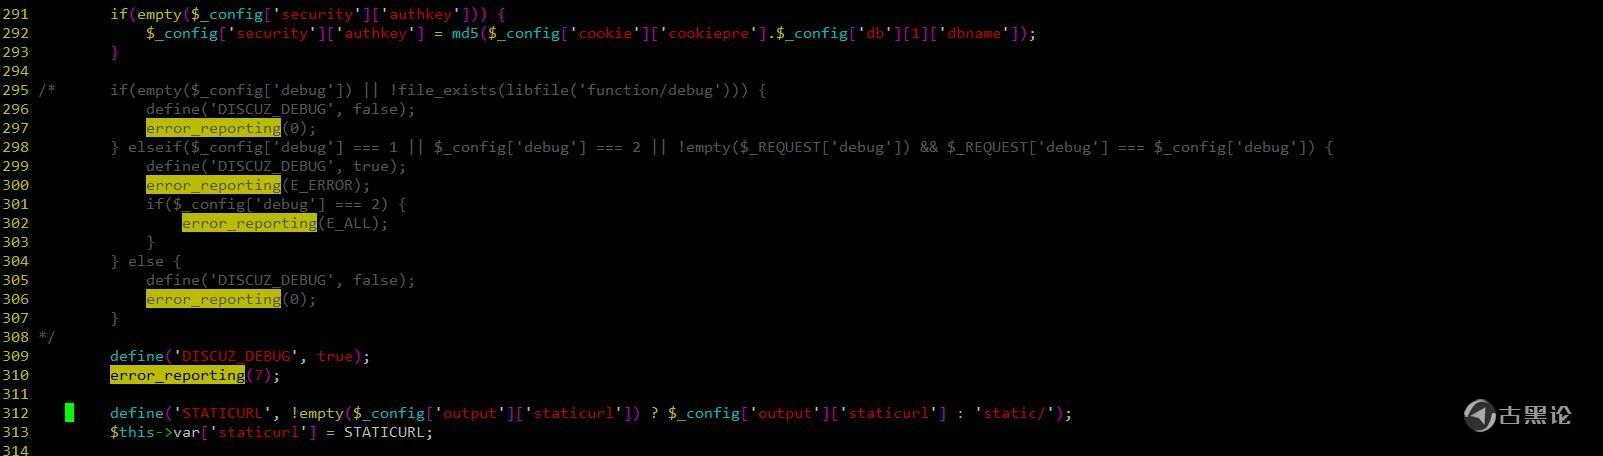 Discuz 开启 PHP 报错提示 TIM截图20200518192959.jpg